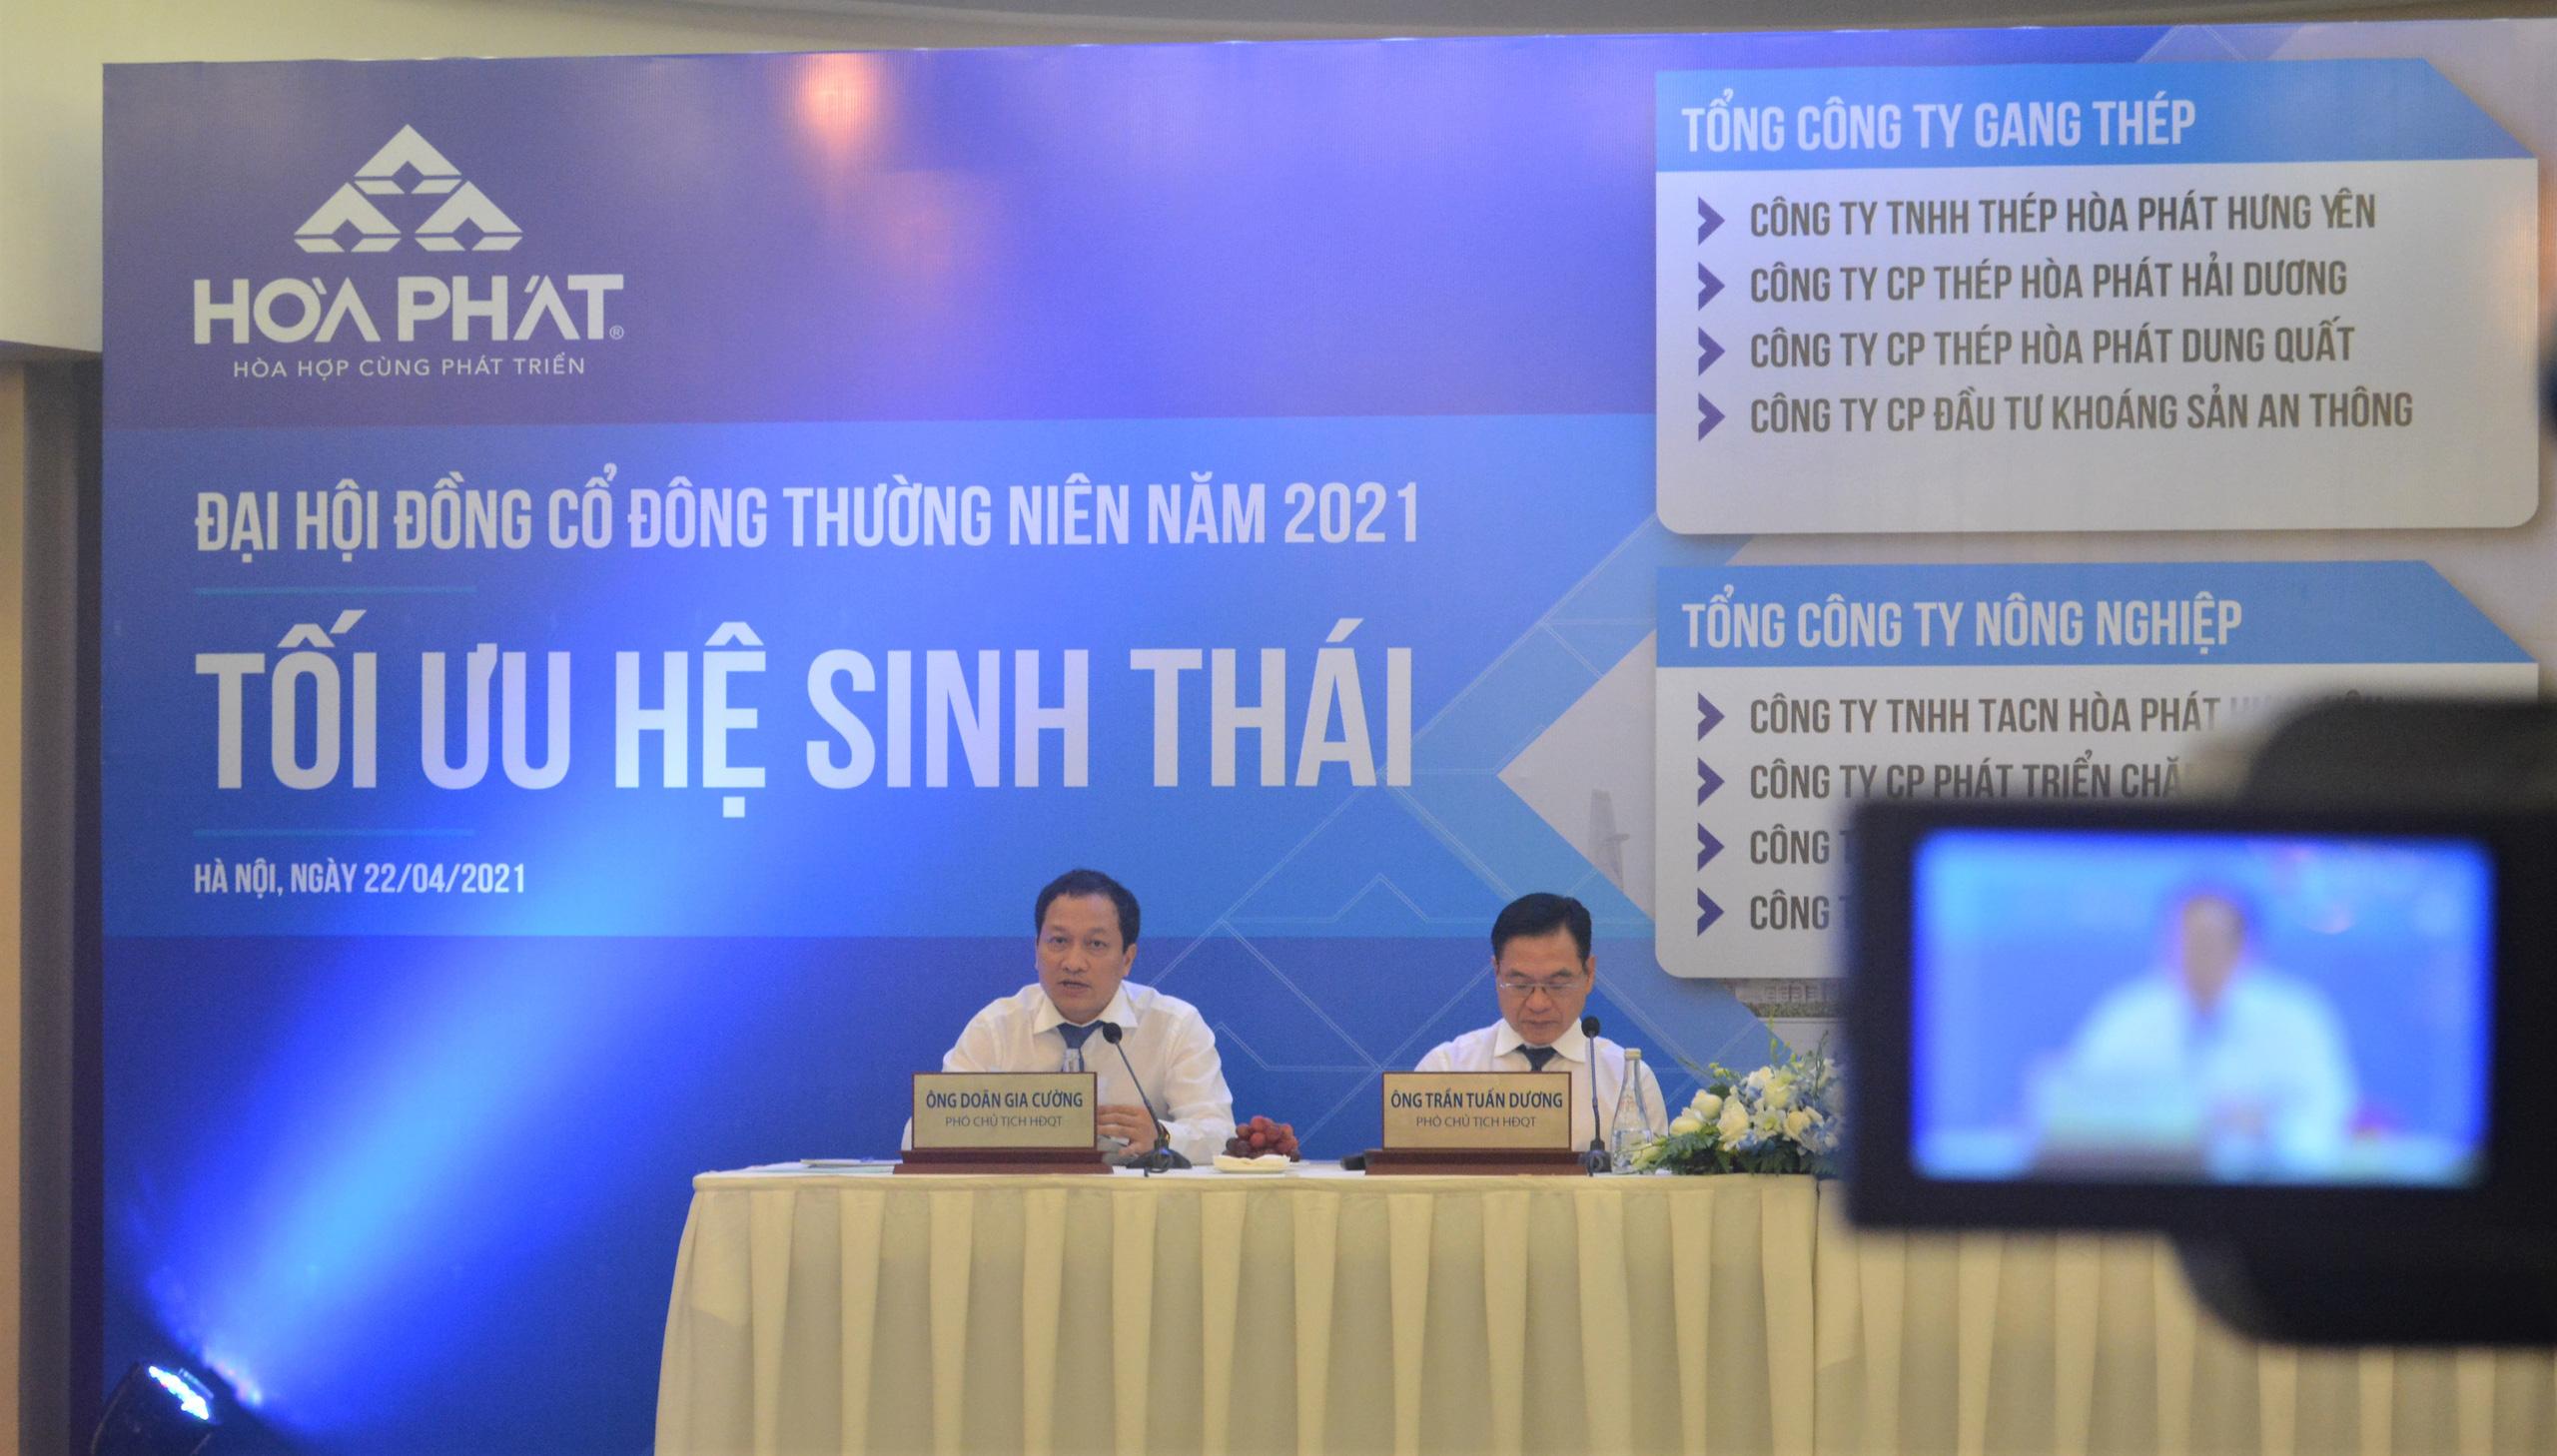 Doanh thu nông nghiệp của Hòa Phát giảm 19% - Ảnh 1.